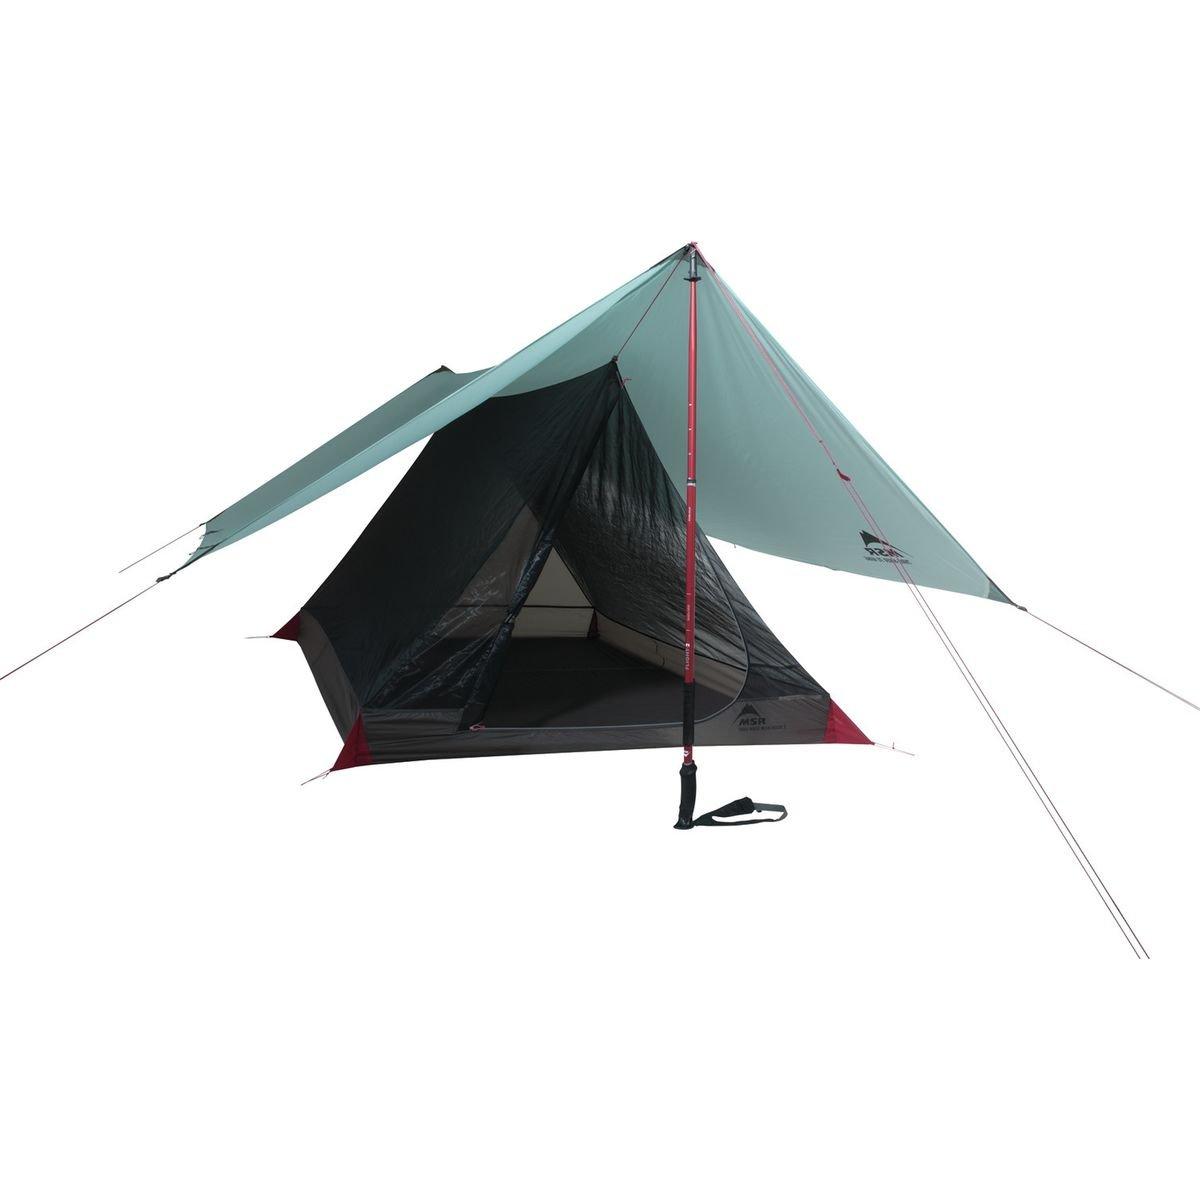 MSR Thru-Hiker Mesh House 2 Shelter Tent, Grey by MSR (Image #2)